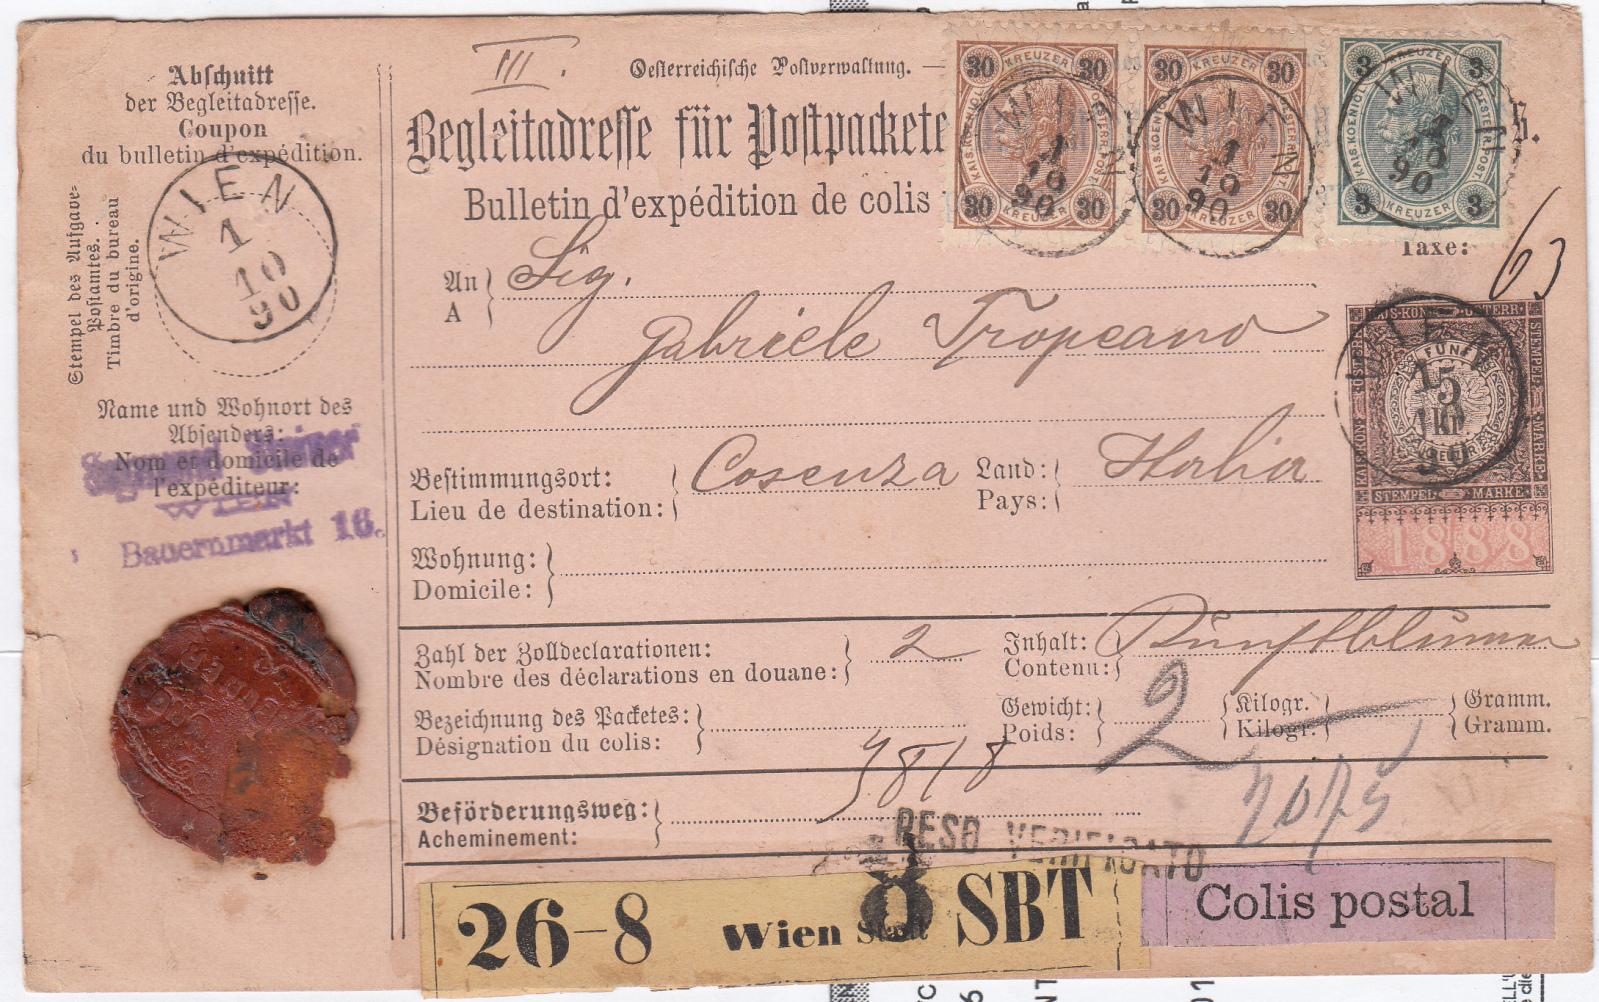 1883 / 1890 Jfus0p